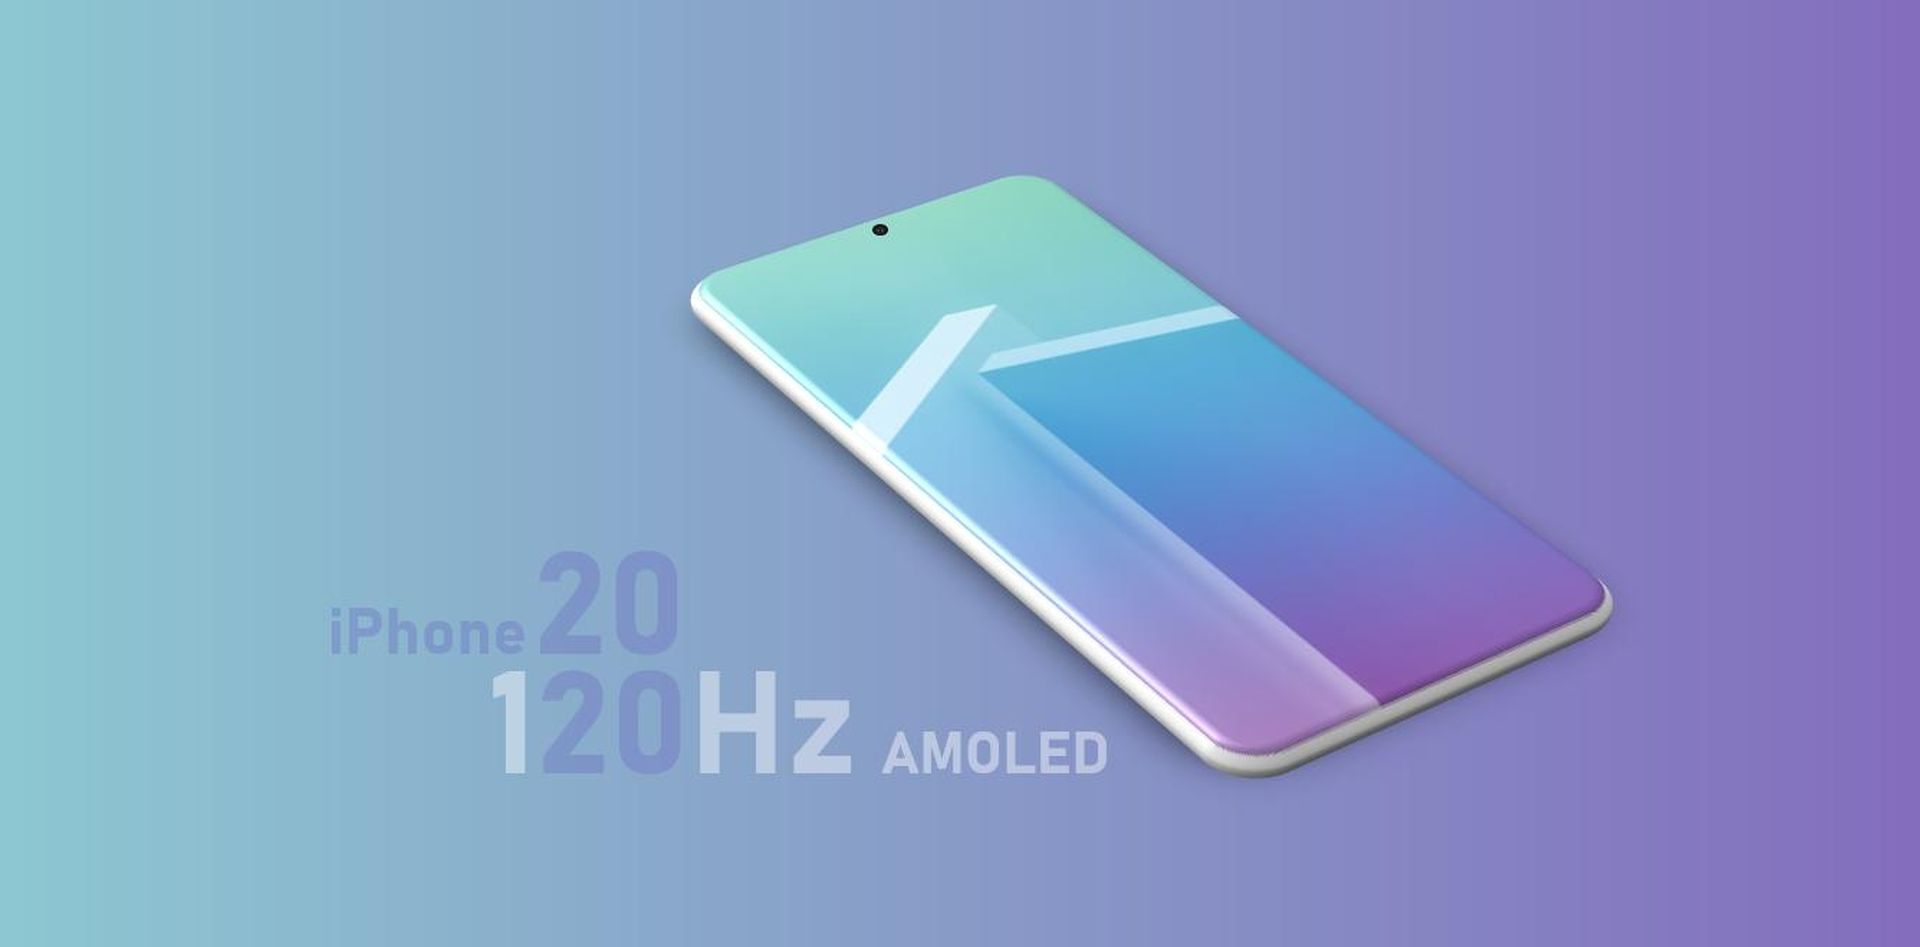 Nowe informacje na temat iPhone'a z odświeżaniem 120 Hz